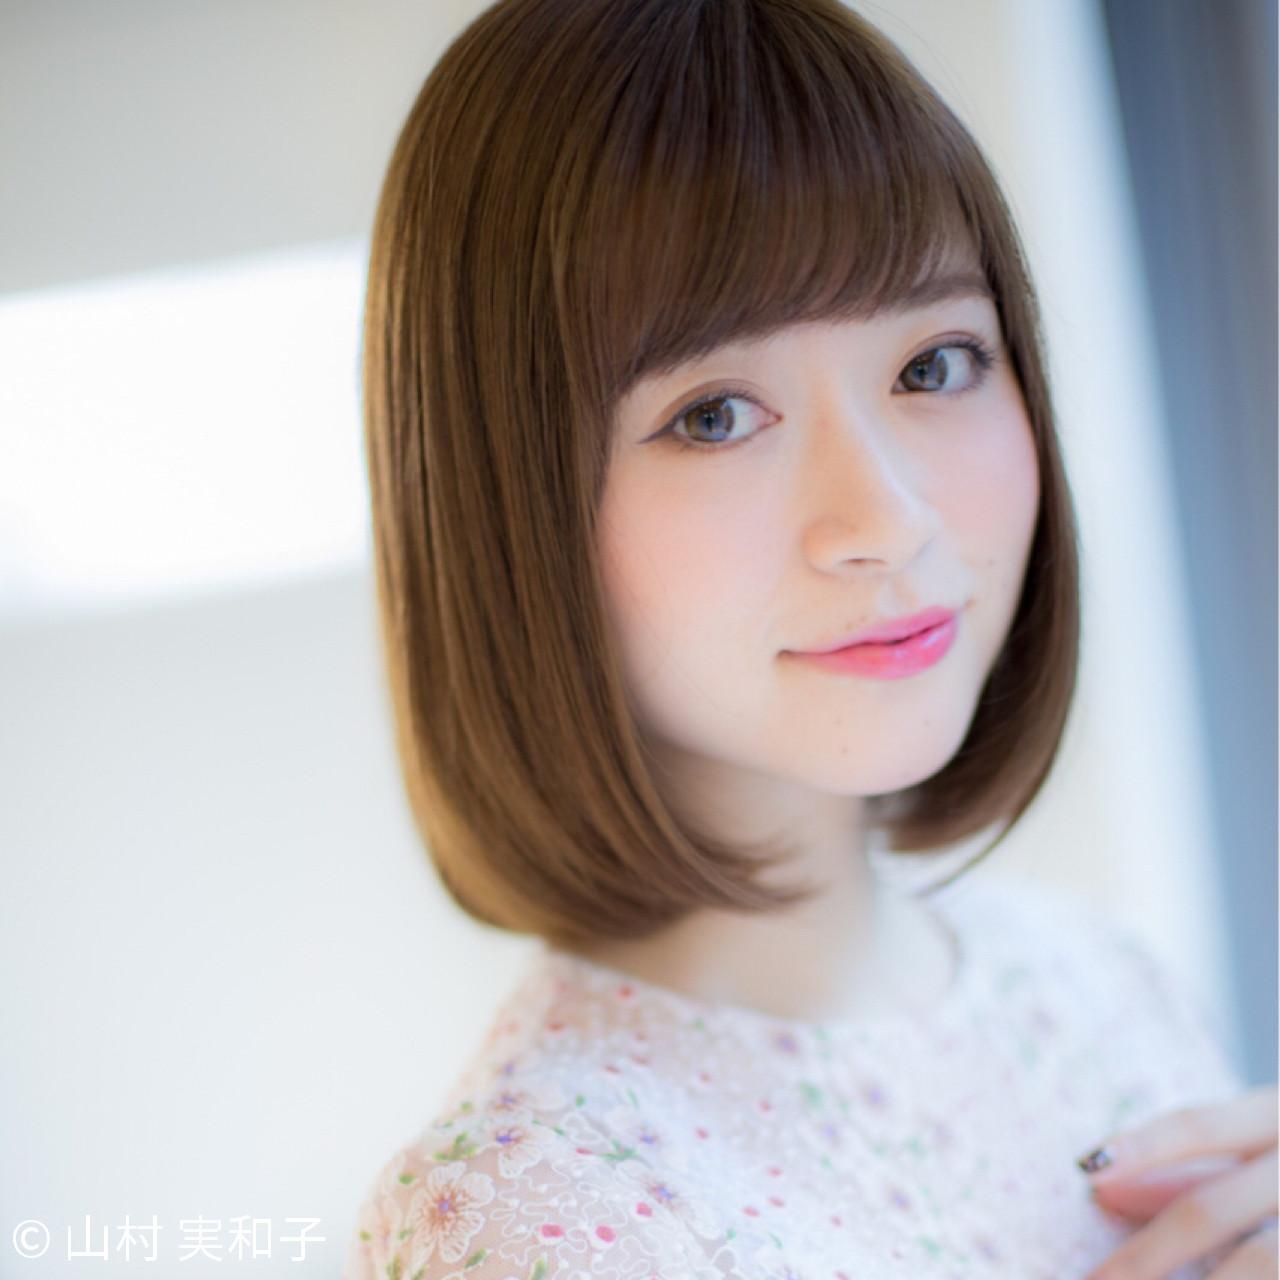 【基本】しっかりめの重め前髪 山村 実和子